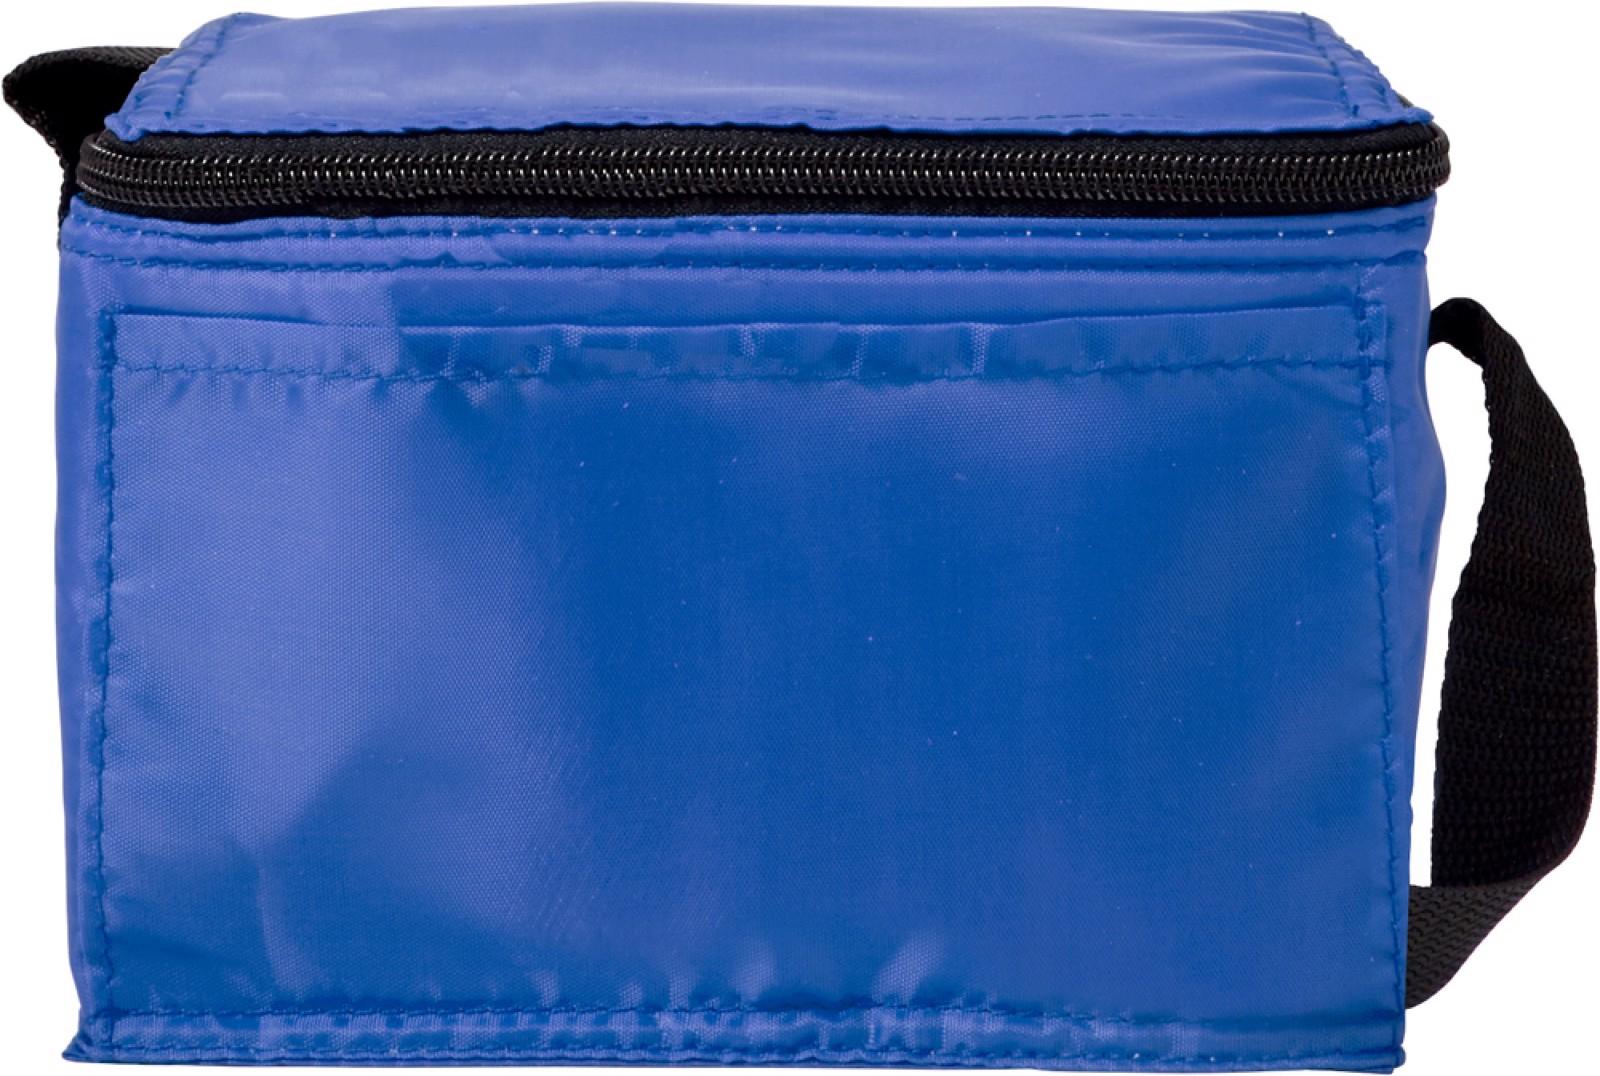 Polyester (210D) cooler bag - Cobalt Blue